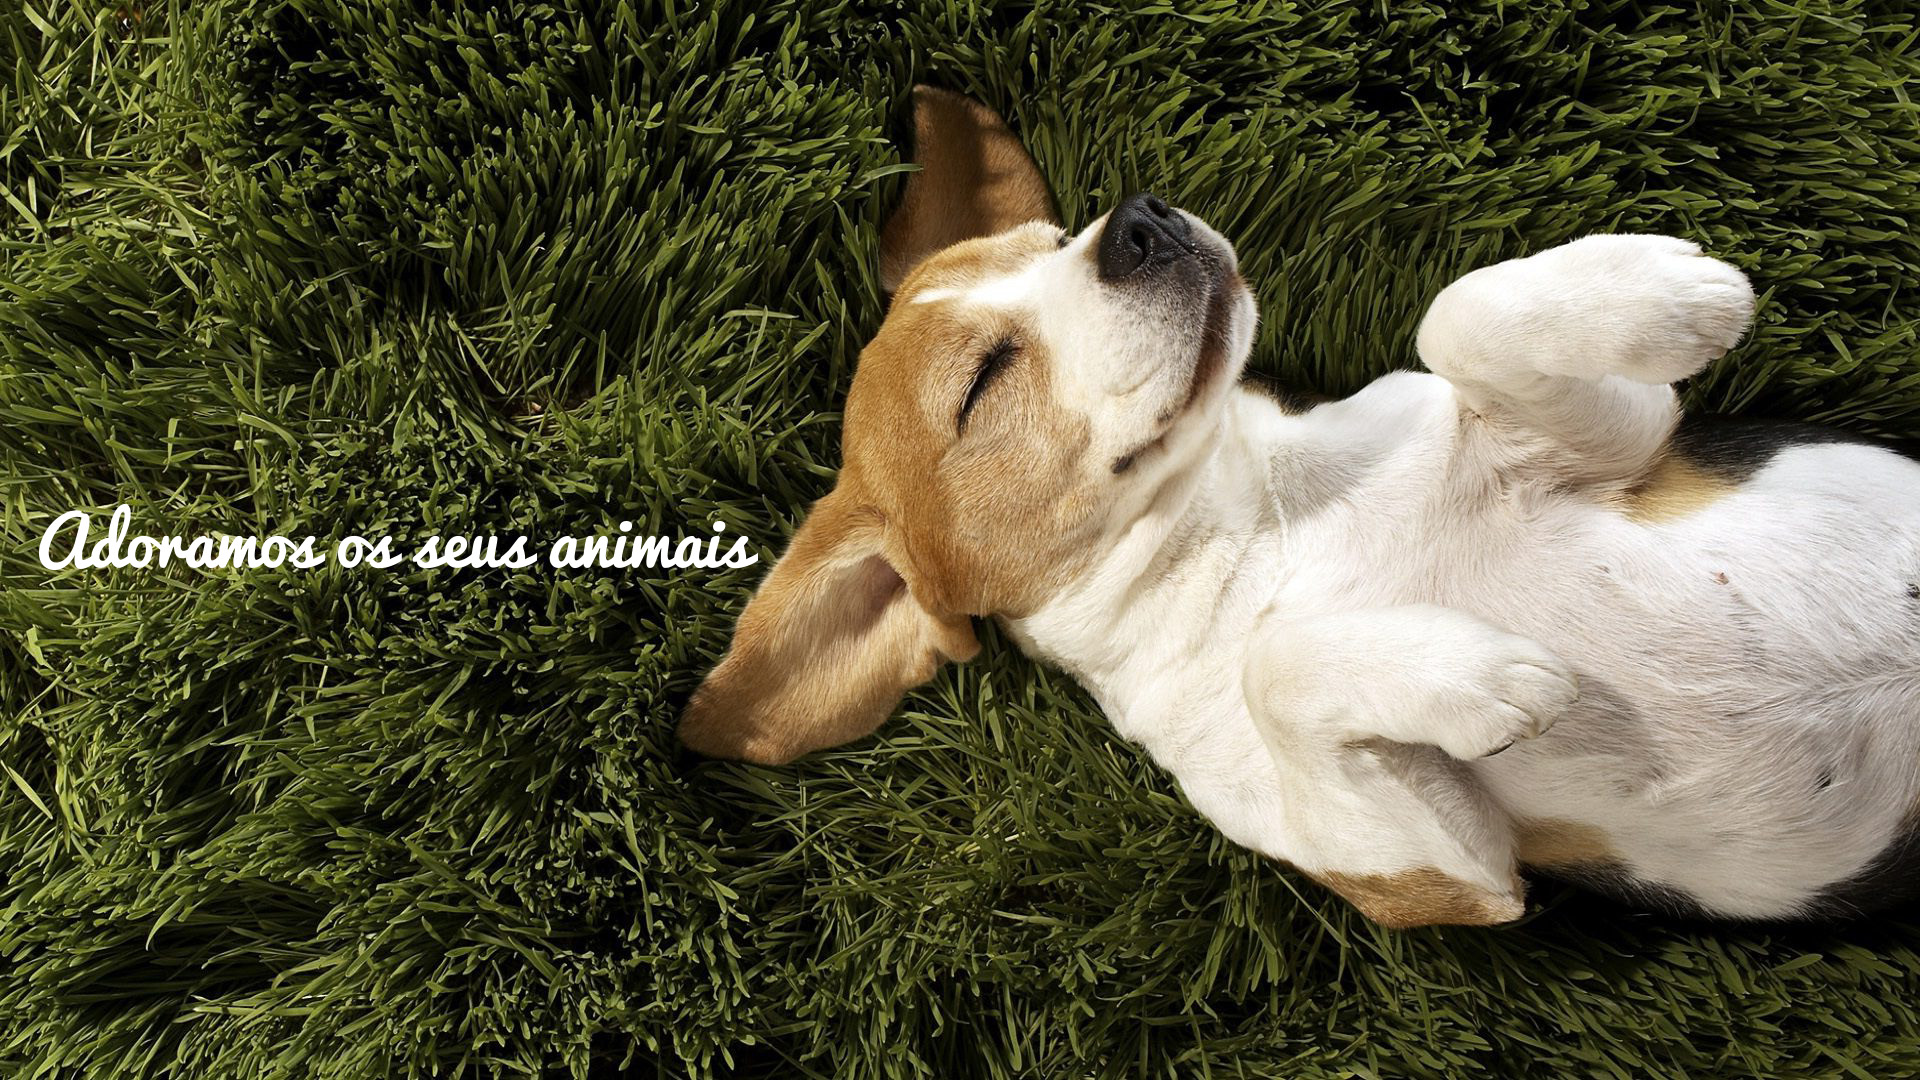 adoramos-seus-animais-02